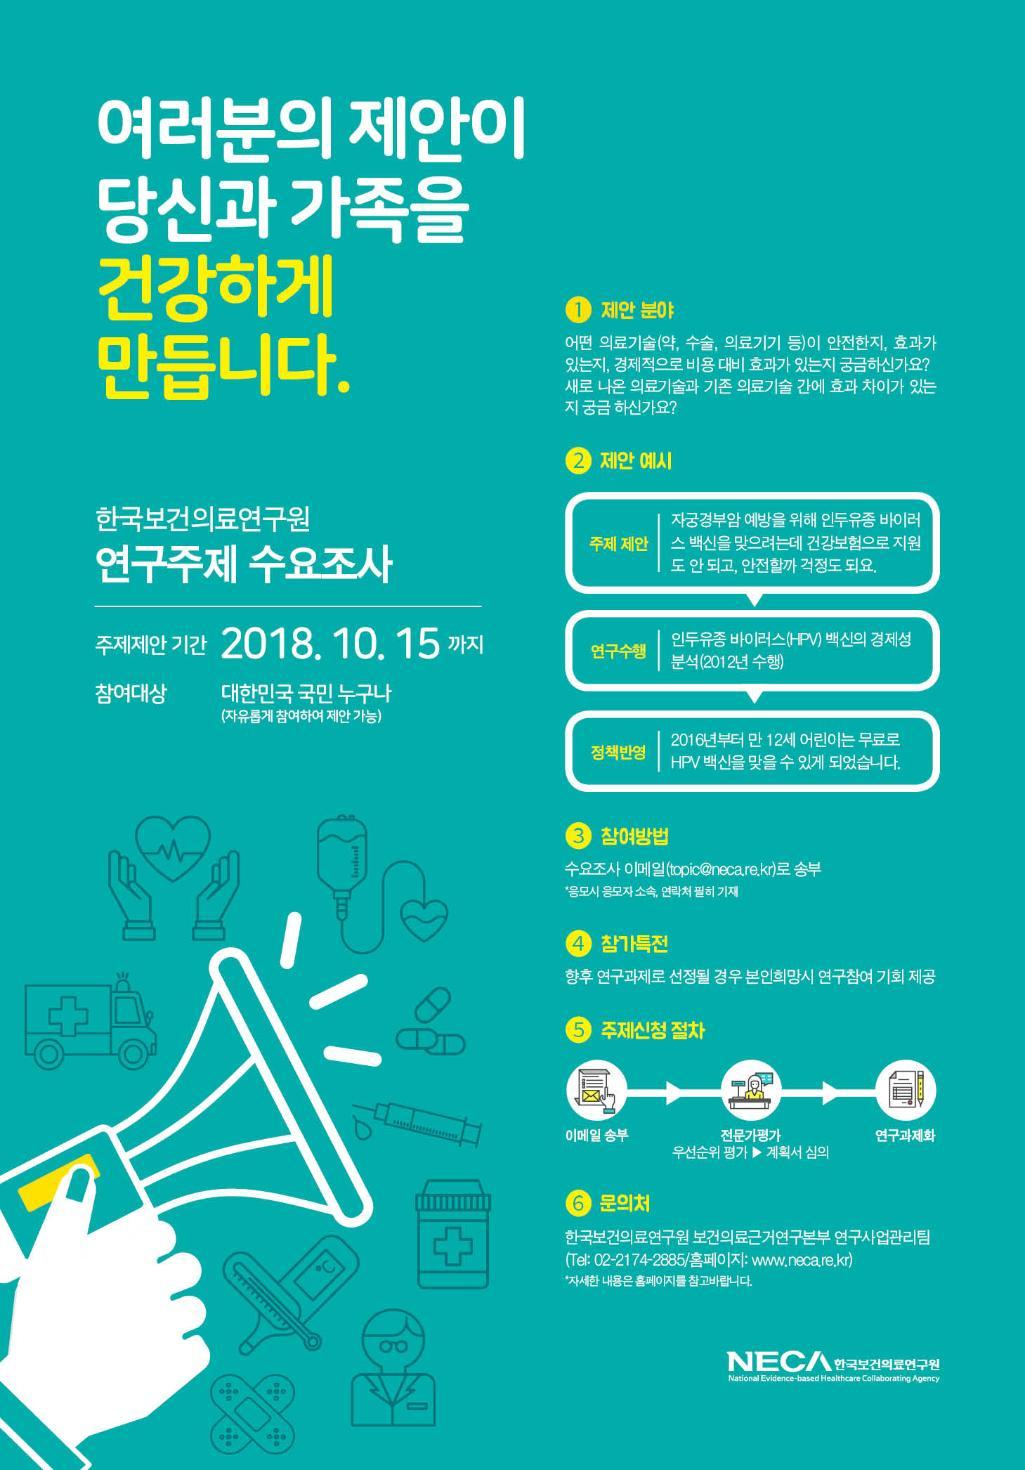 한국보건의료연구원 연구주제 수요조사.jpg